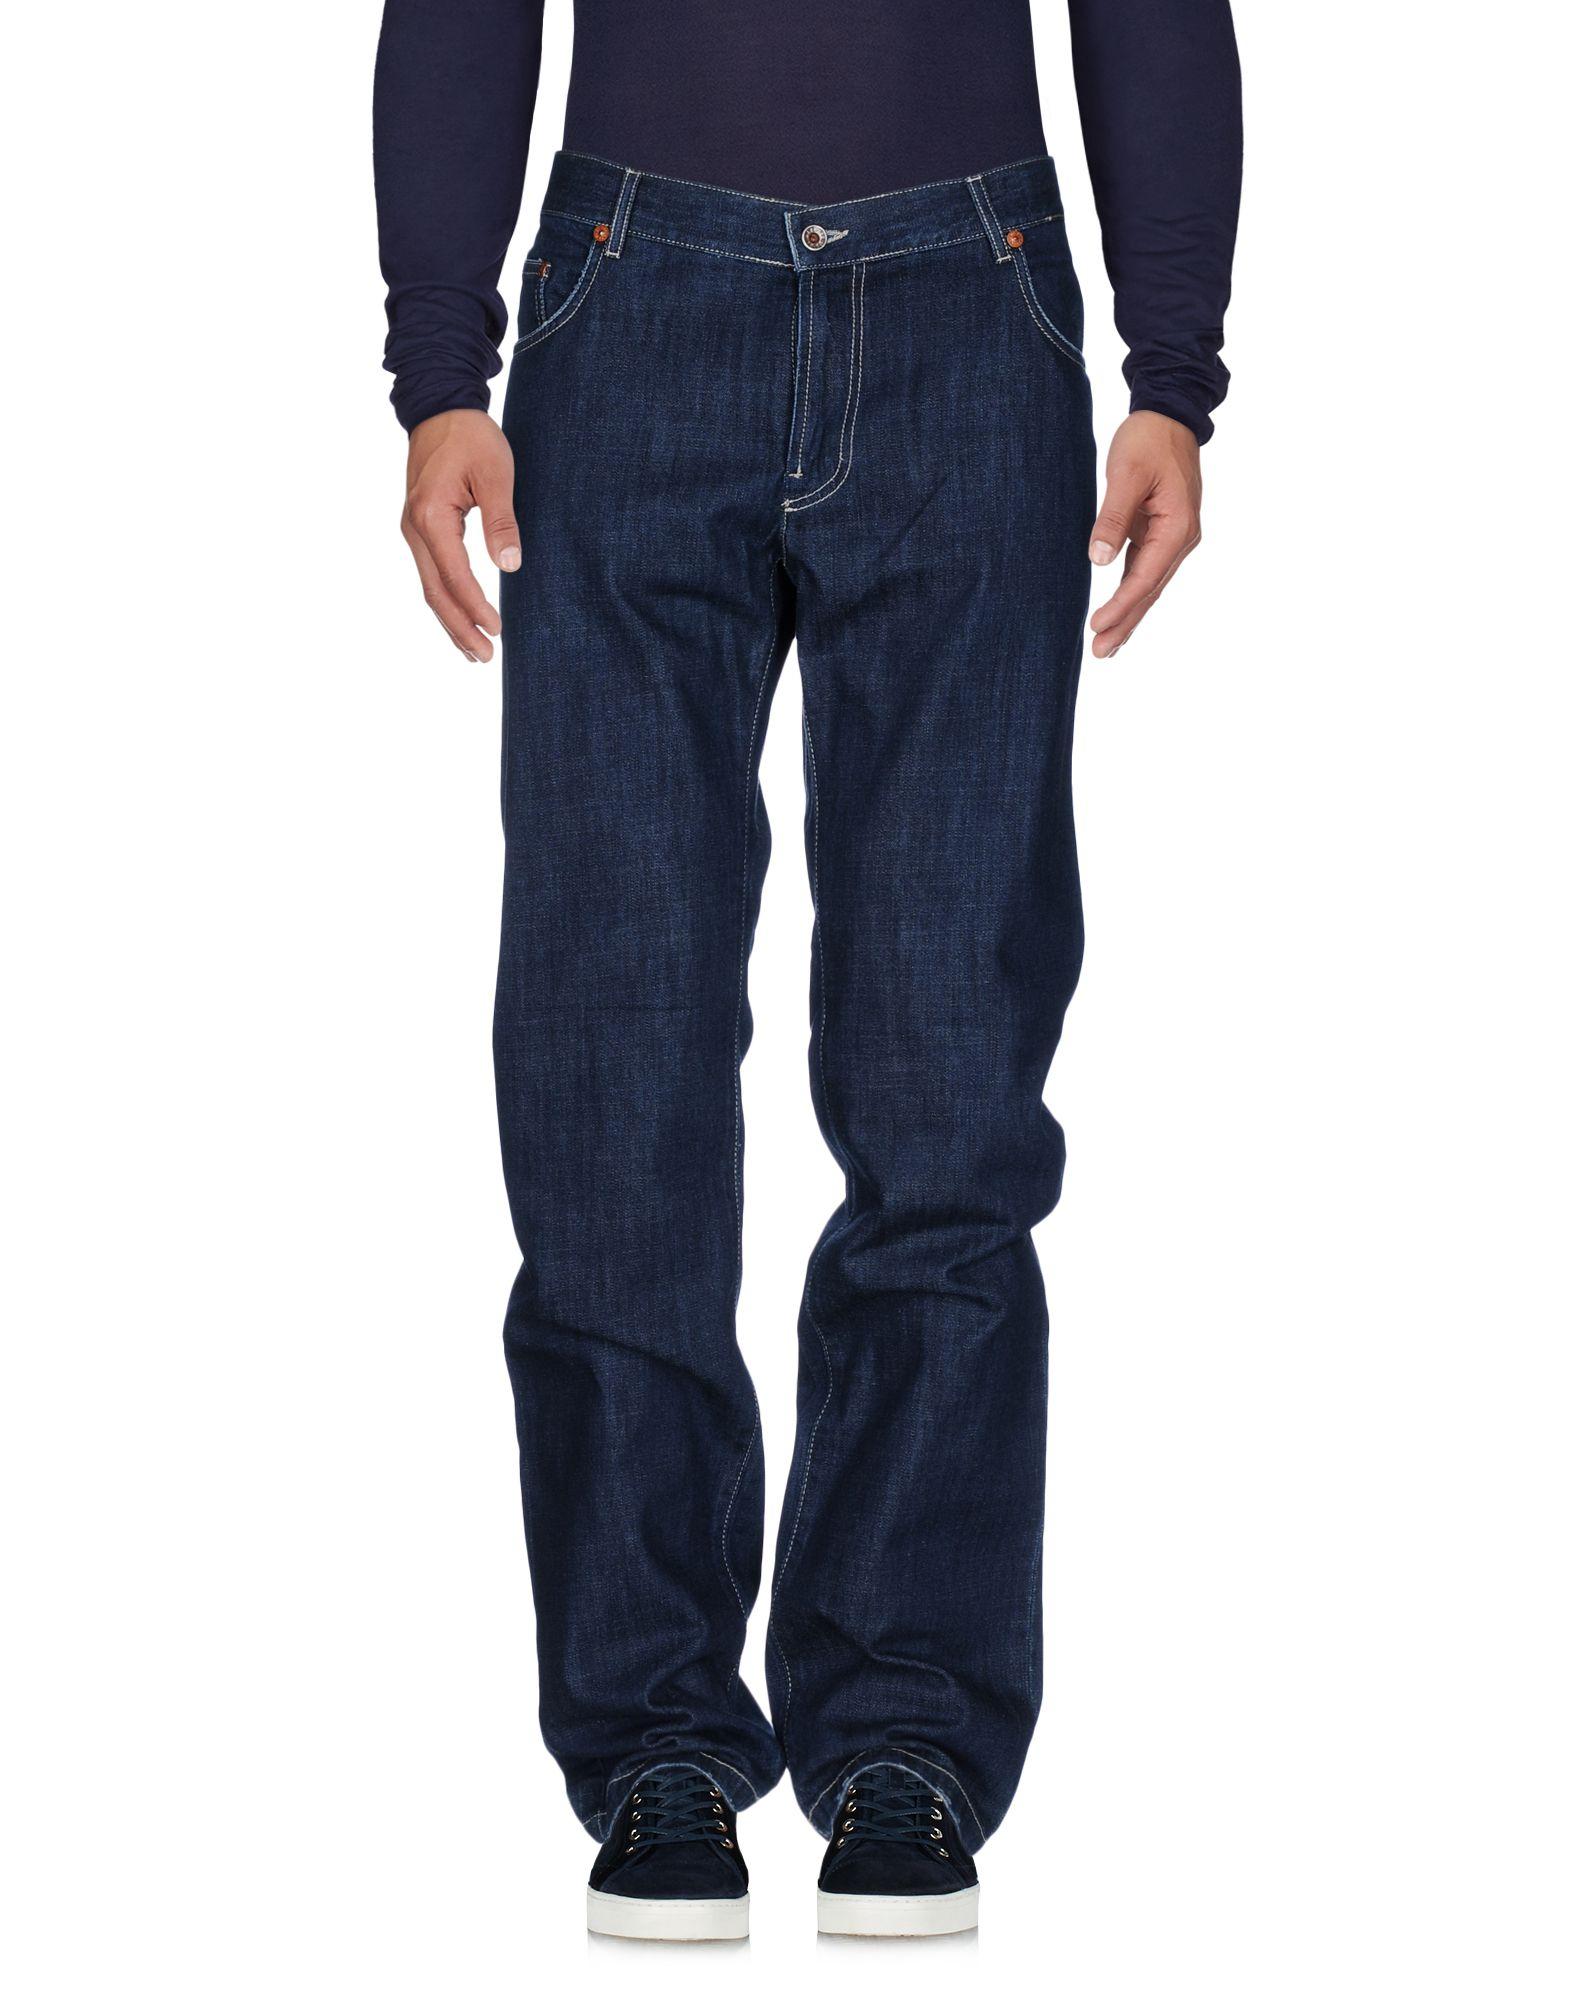 《送料無料》SEVENTY SERGIO TEGON メンズ ジーンズ ブルー 34 コットン 100%